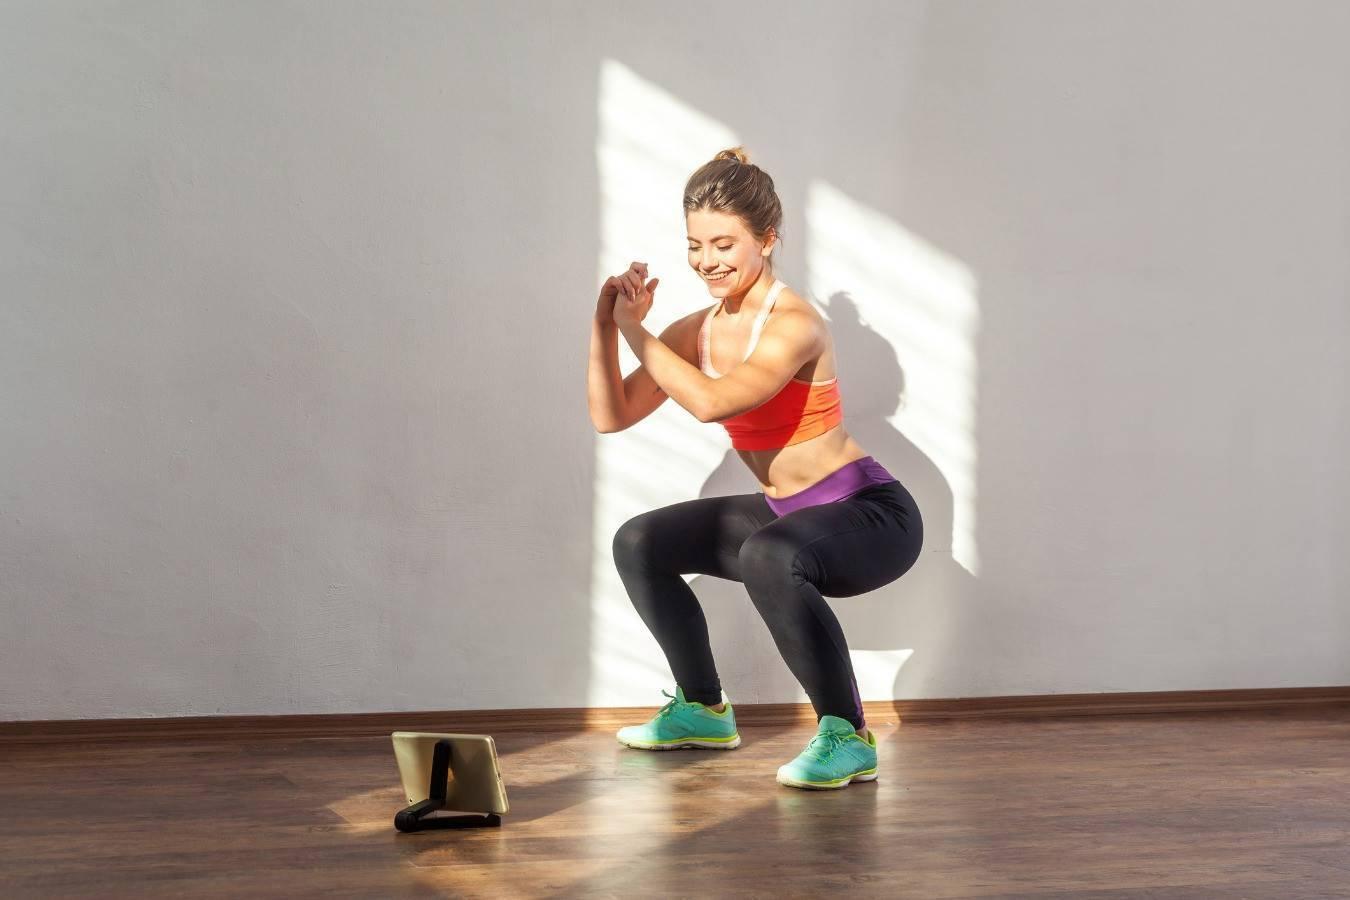 Ноги - упражнения и особенности тренировки